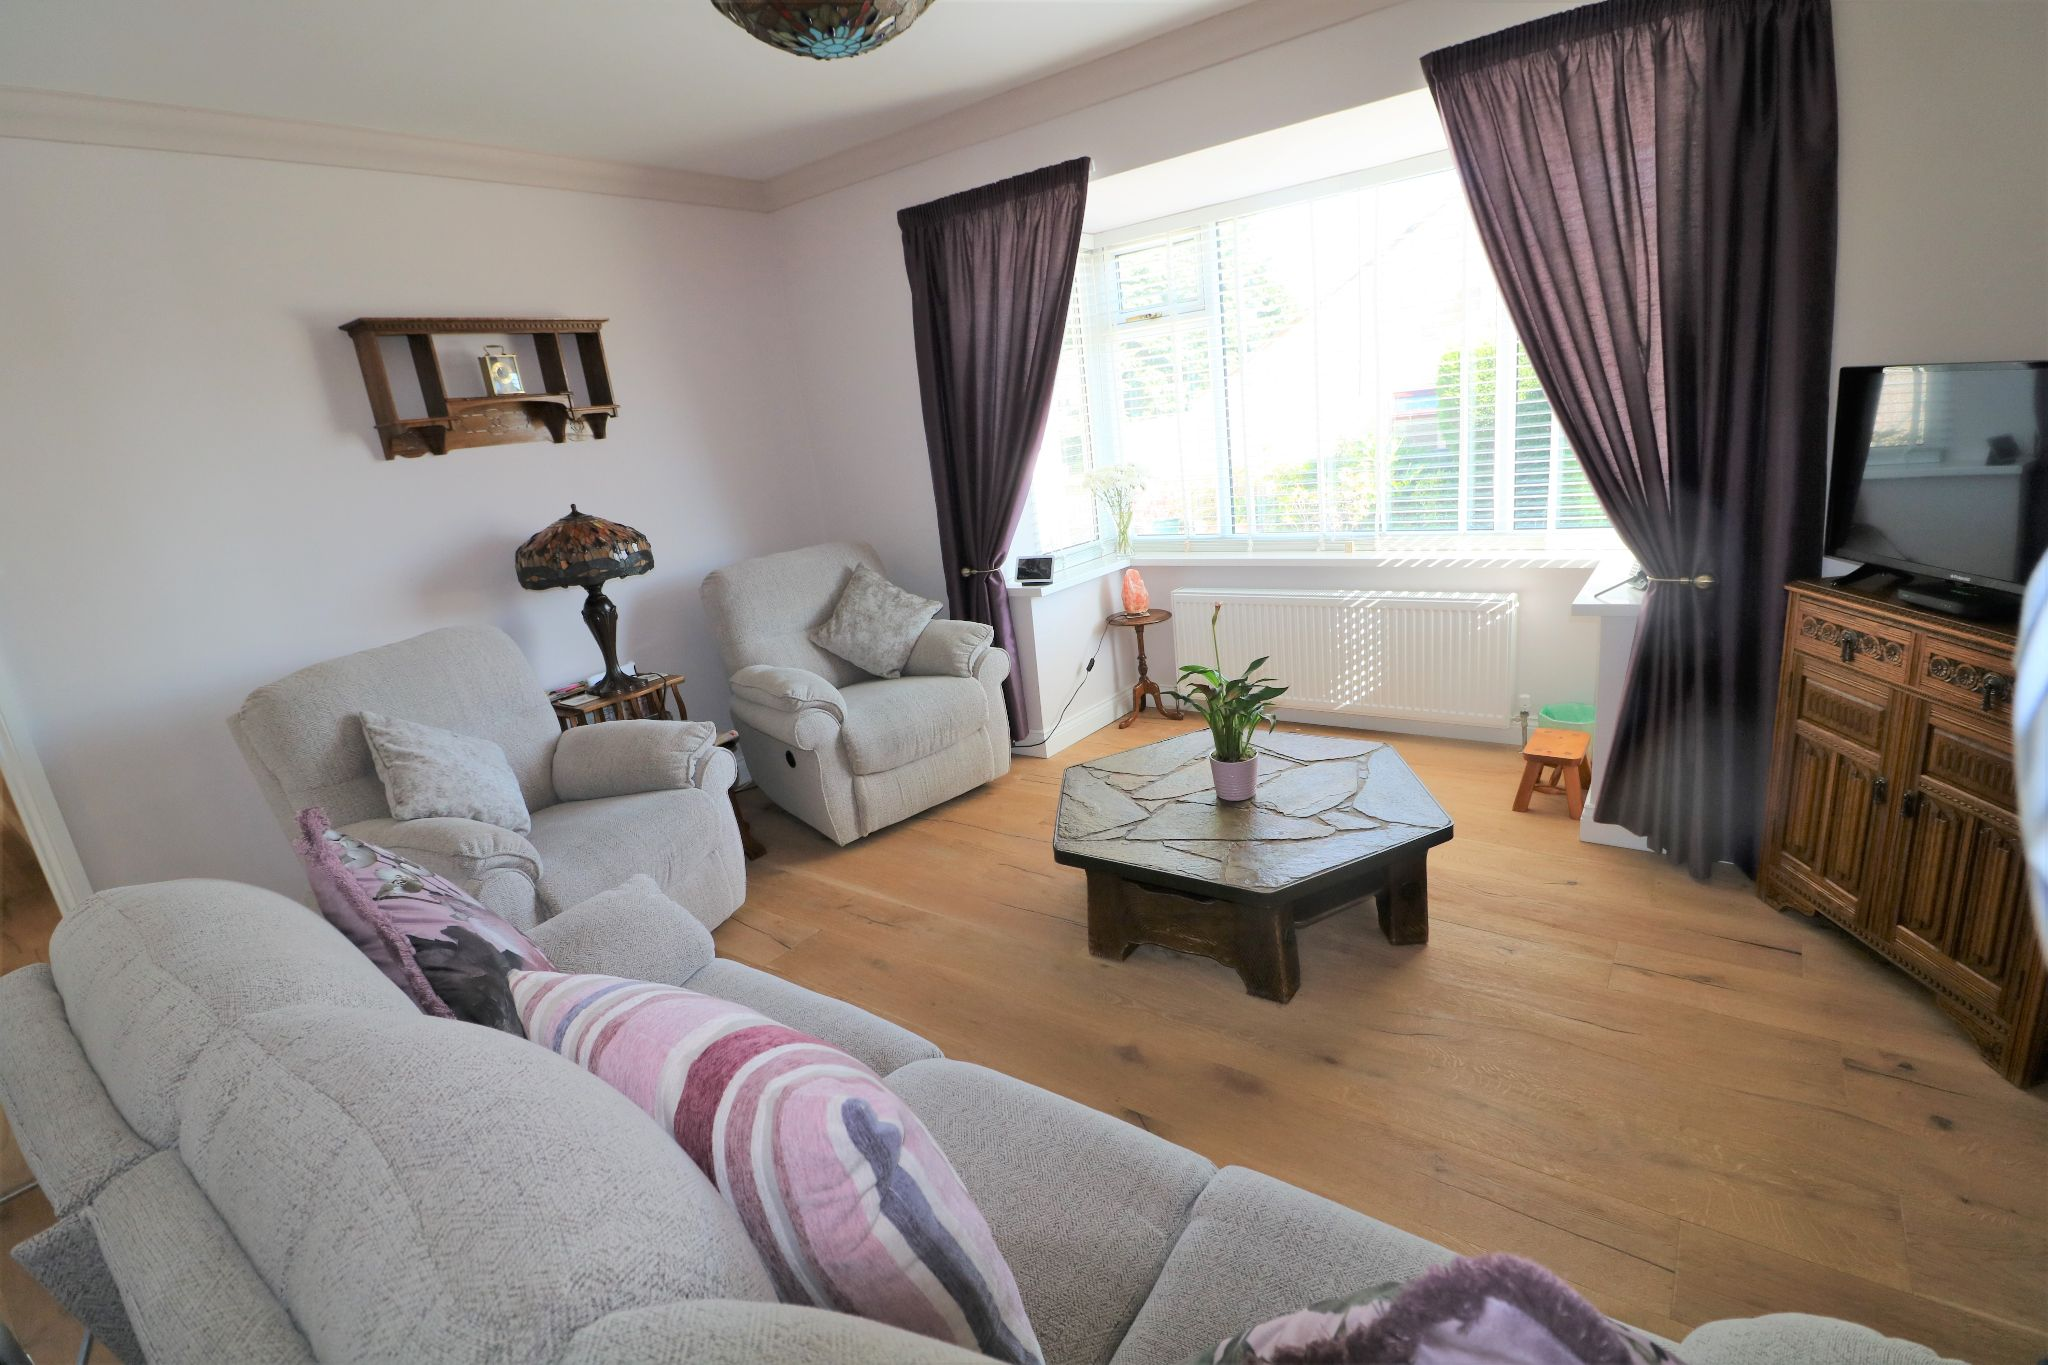 3 Bedroom Detached Bungalow For Sale - Photograph 2